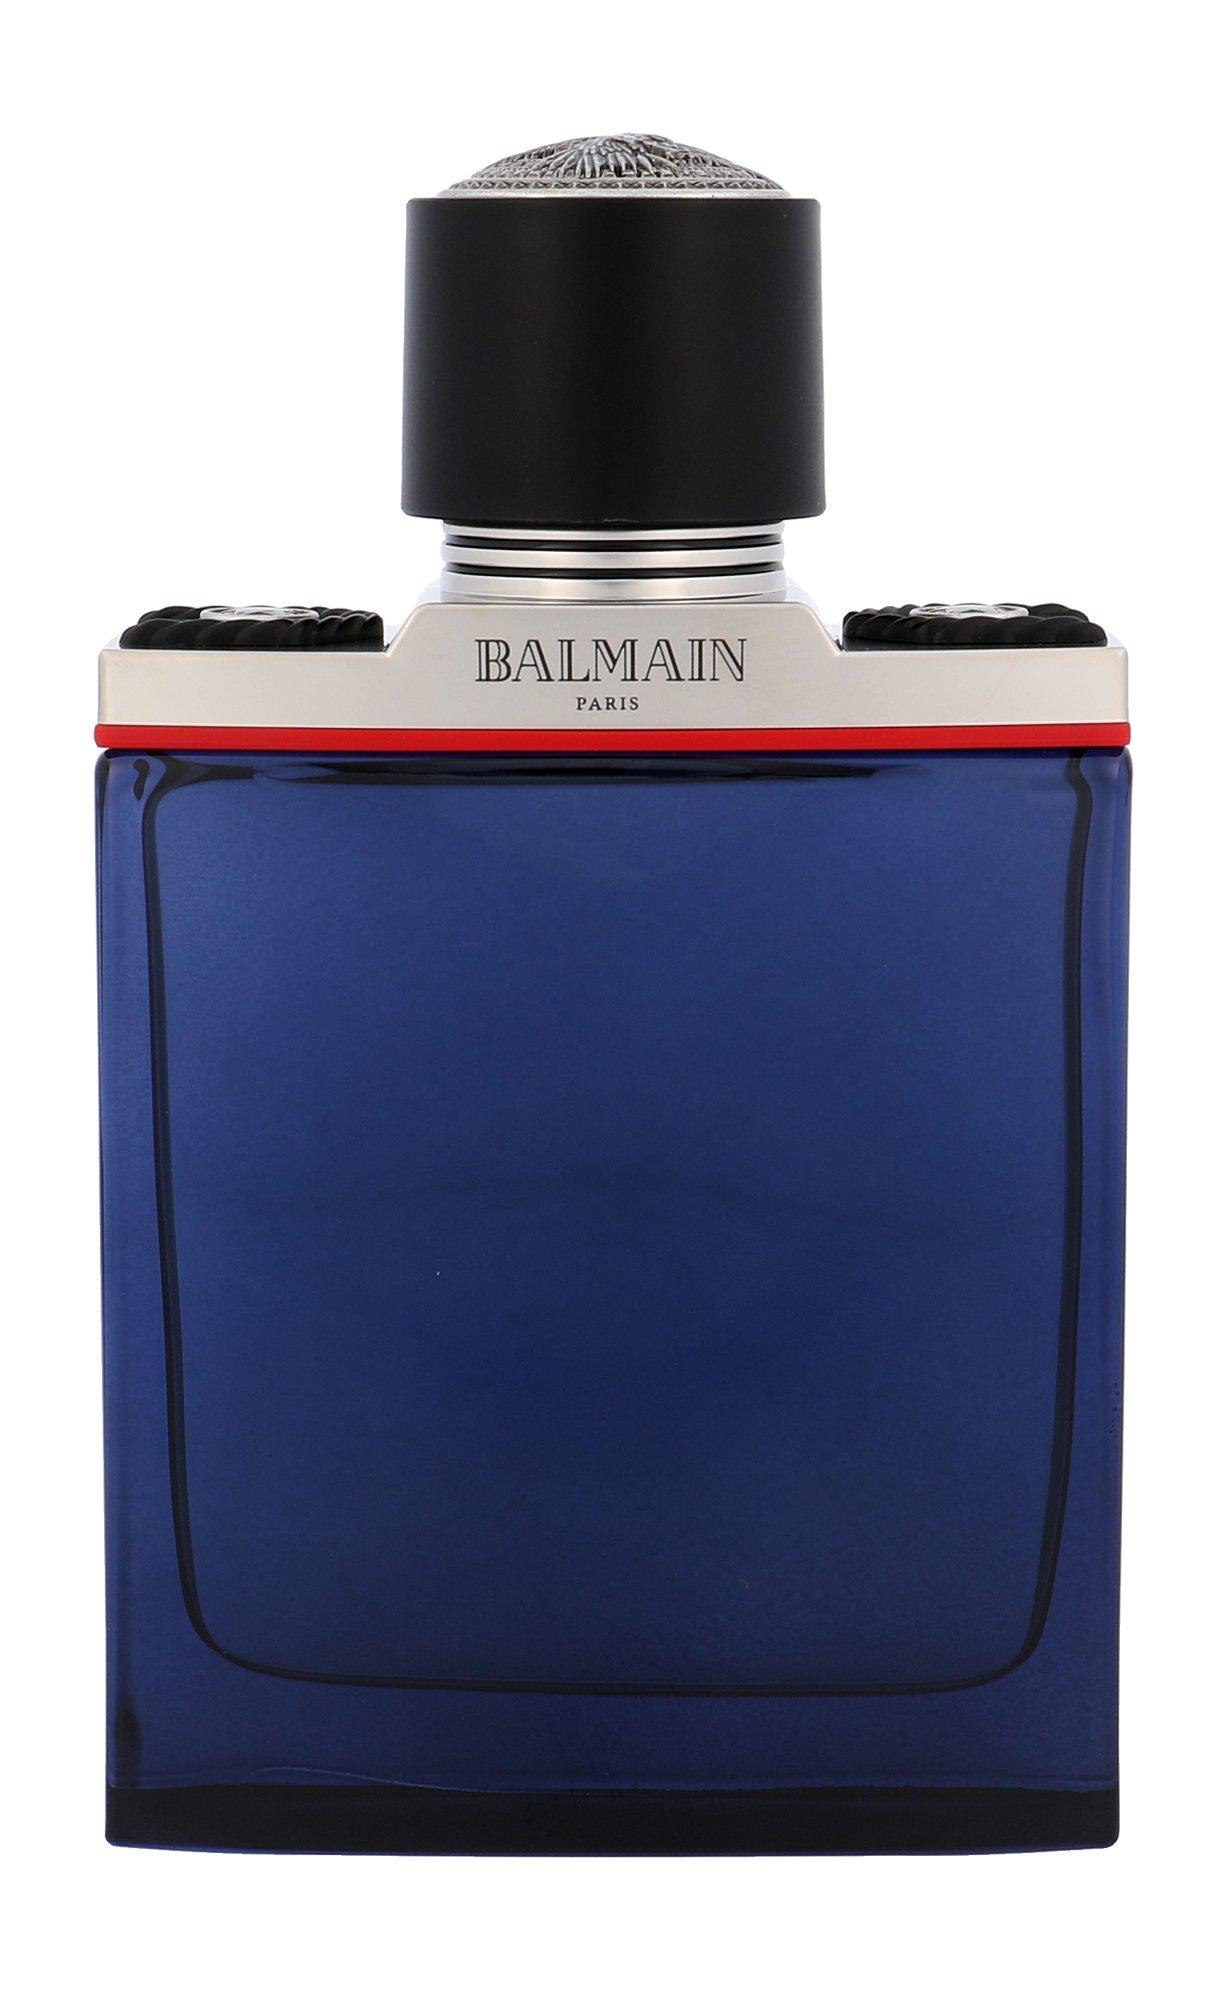 Balmain Balmain Homme, Toaletná voda 100ml - Tester